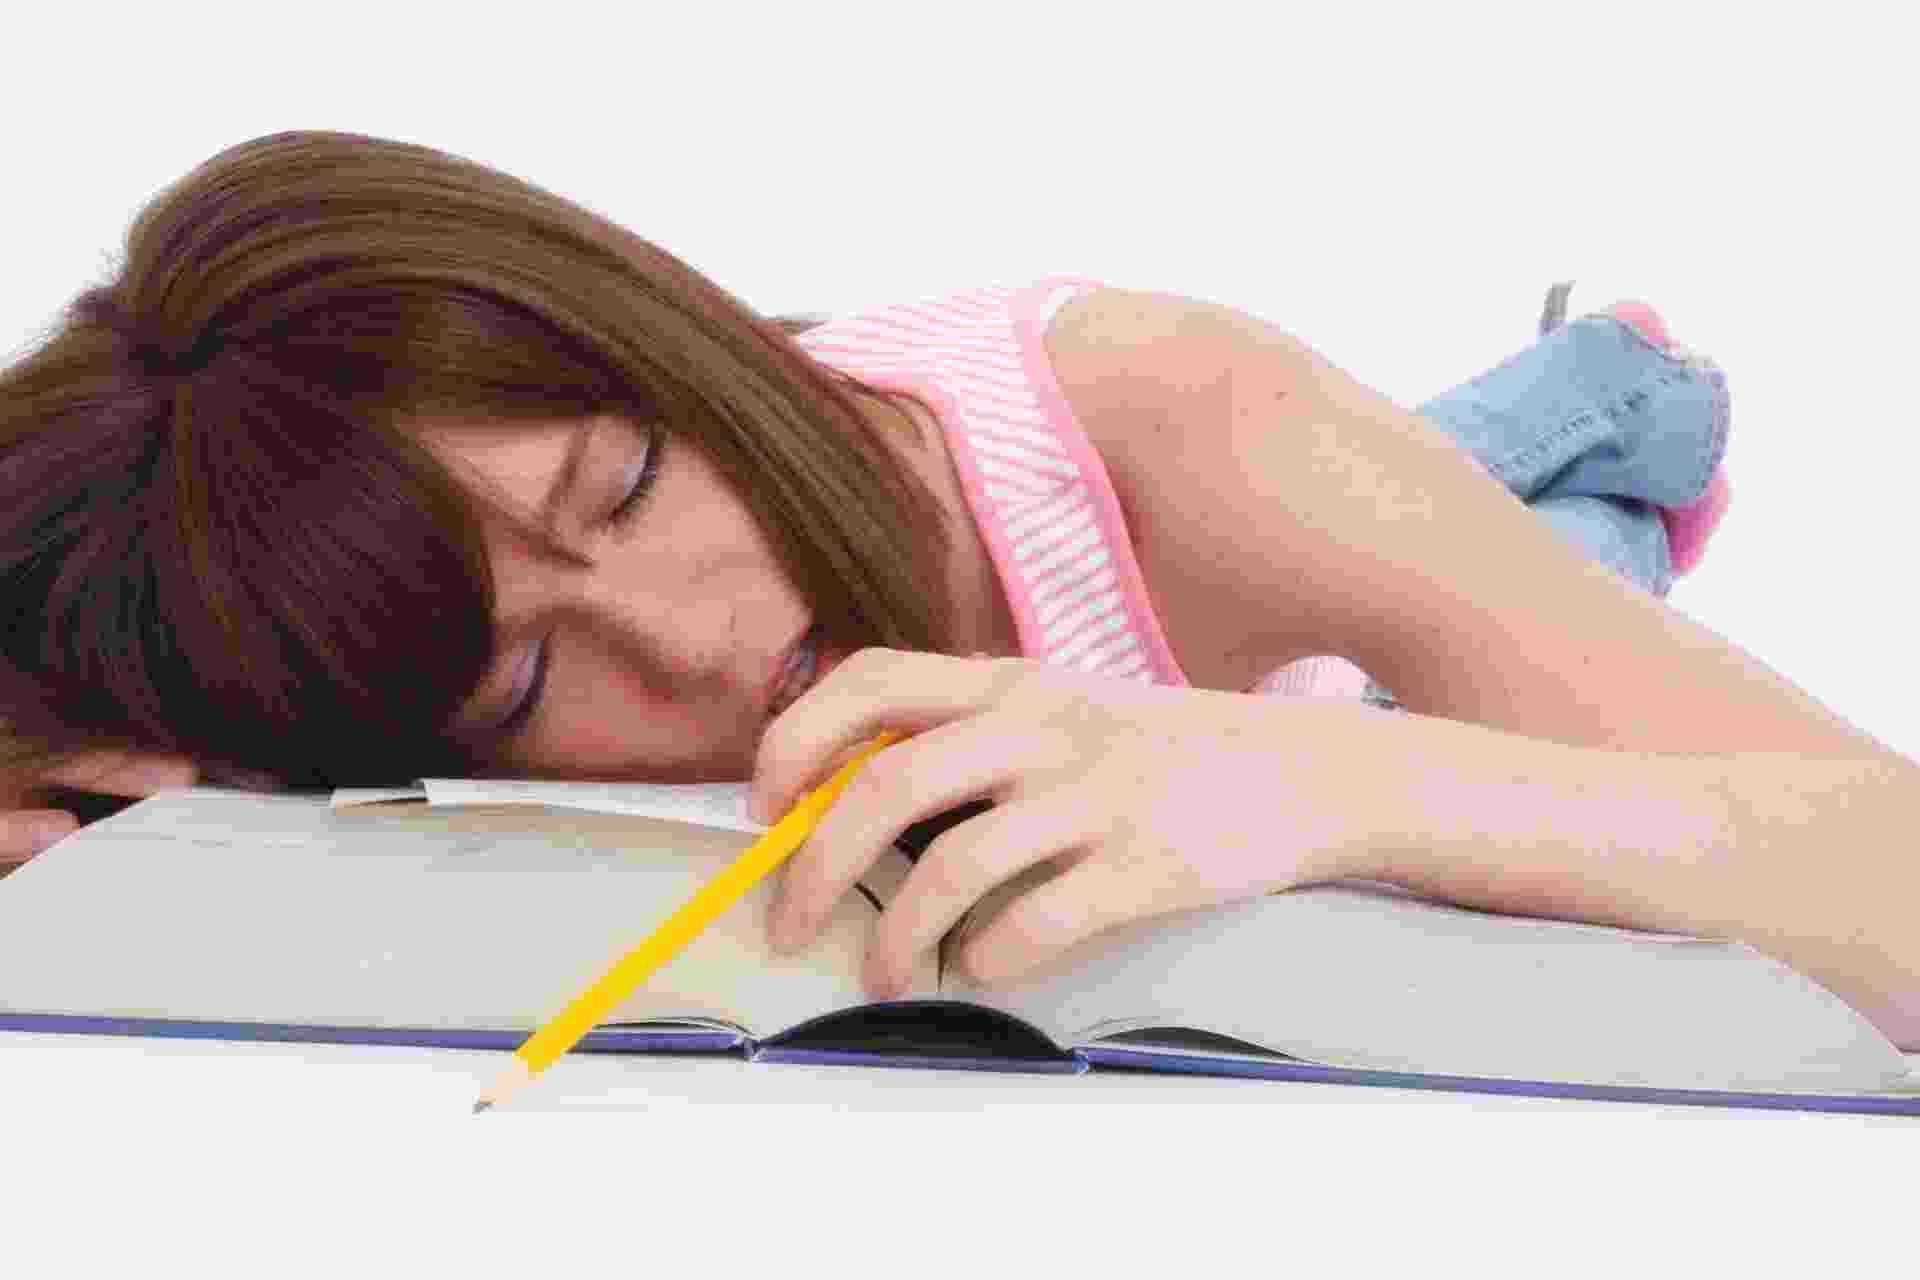 Transtorno de Déficit de Atenção e Hiperatividade (TDAH), jovem dormindo, cansaço, problemas para dormir, problemas para prestar atenção - Thinkstock